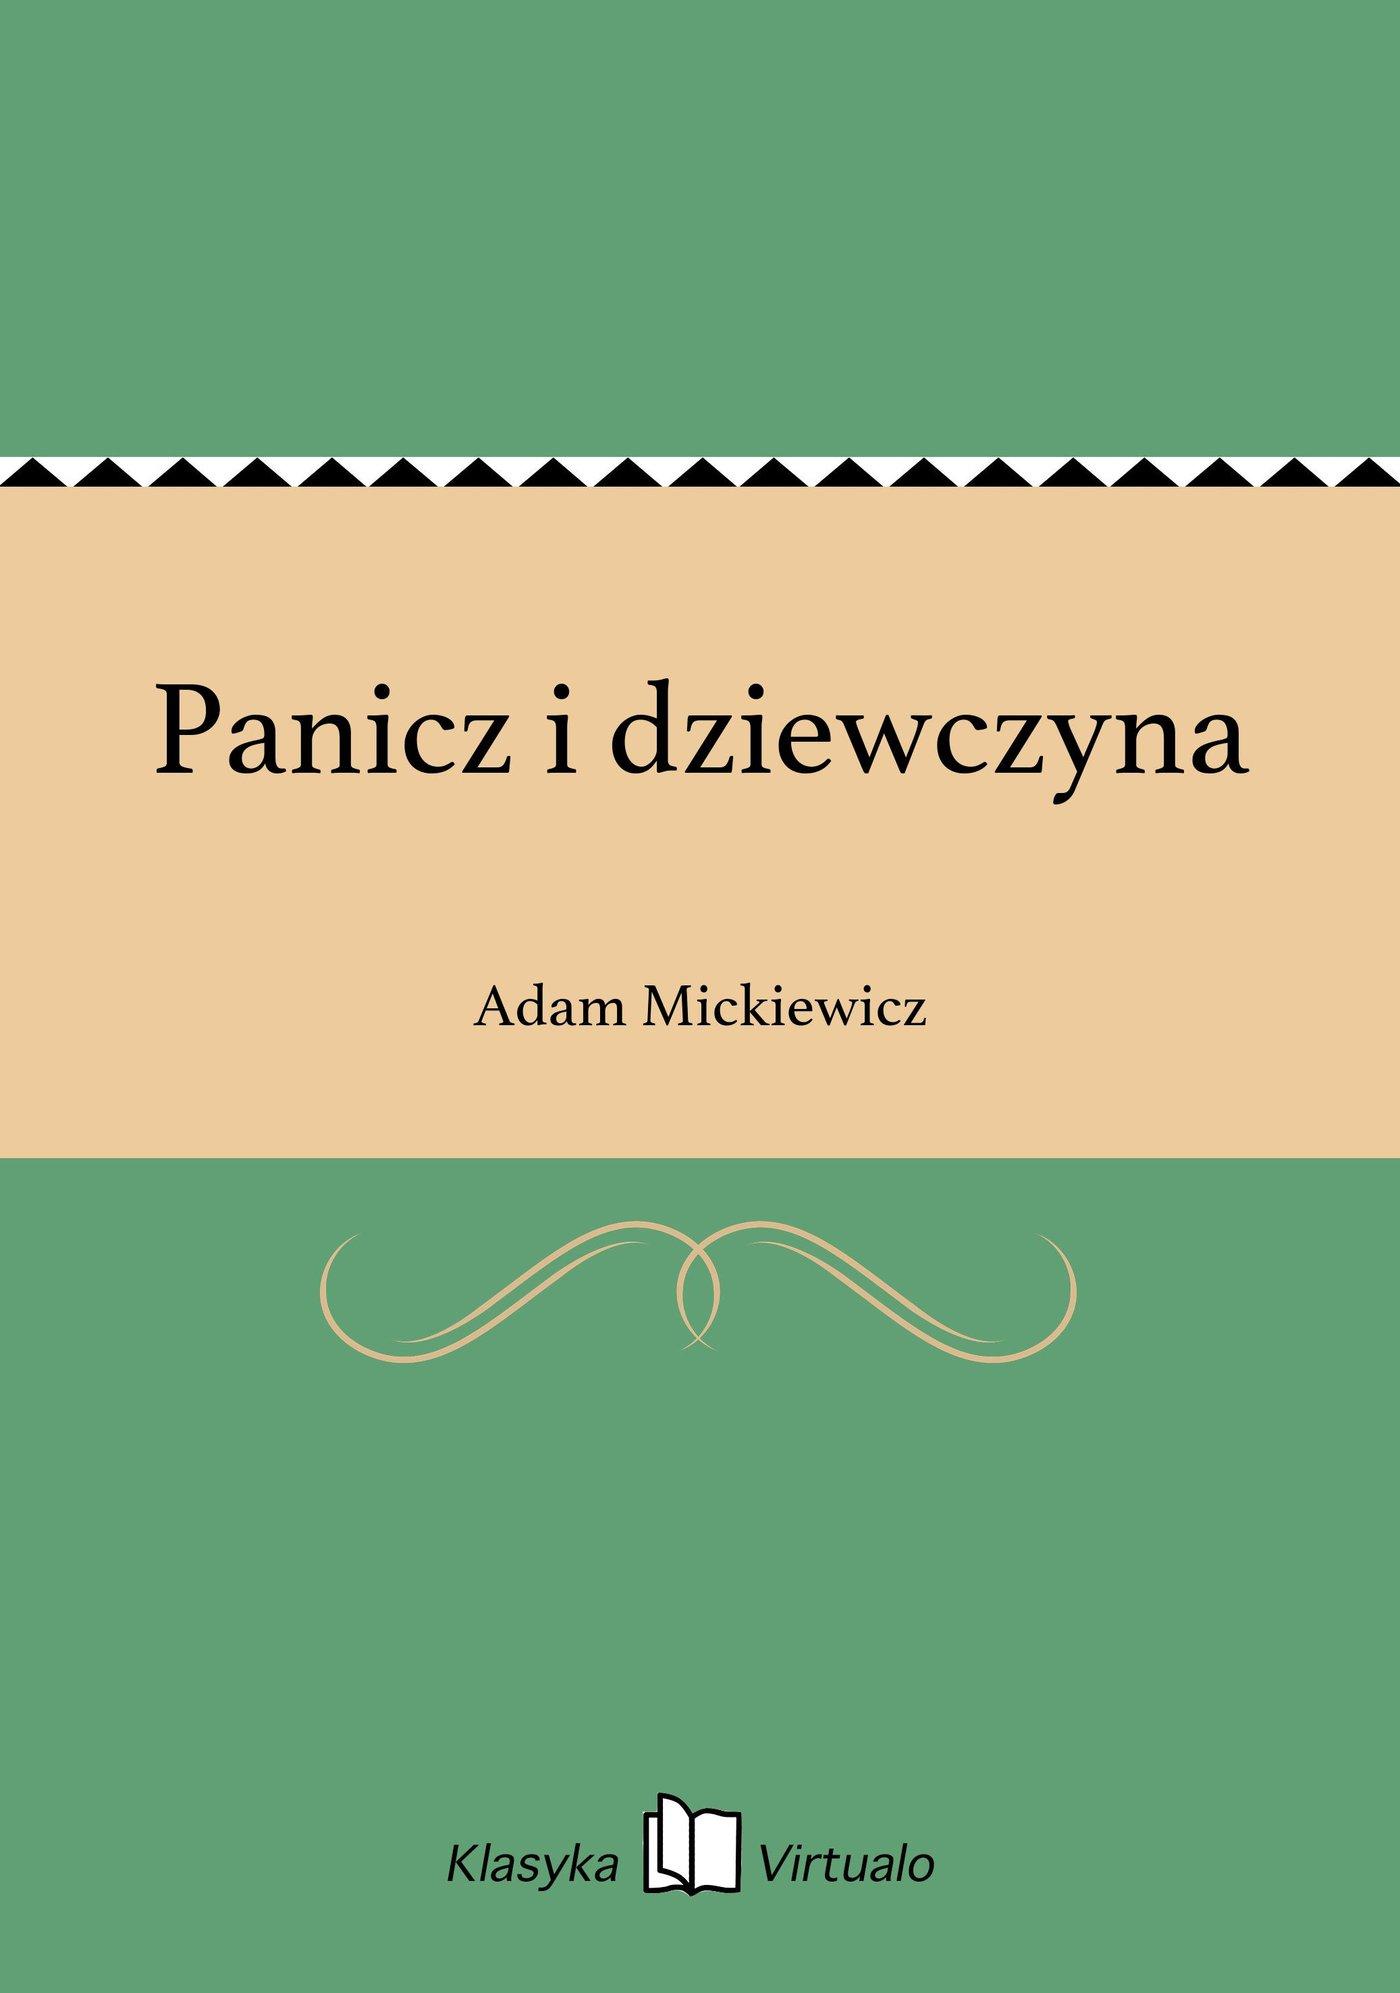 Panicz i dziewczyna - Ebook (Książka EPUB) do pobrania w formacie EPUB